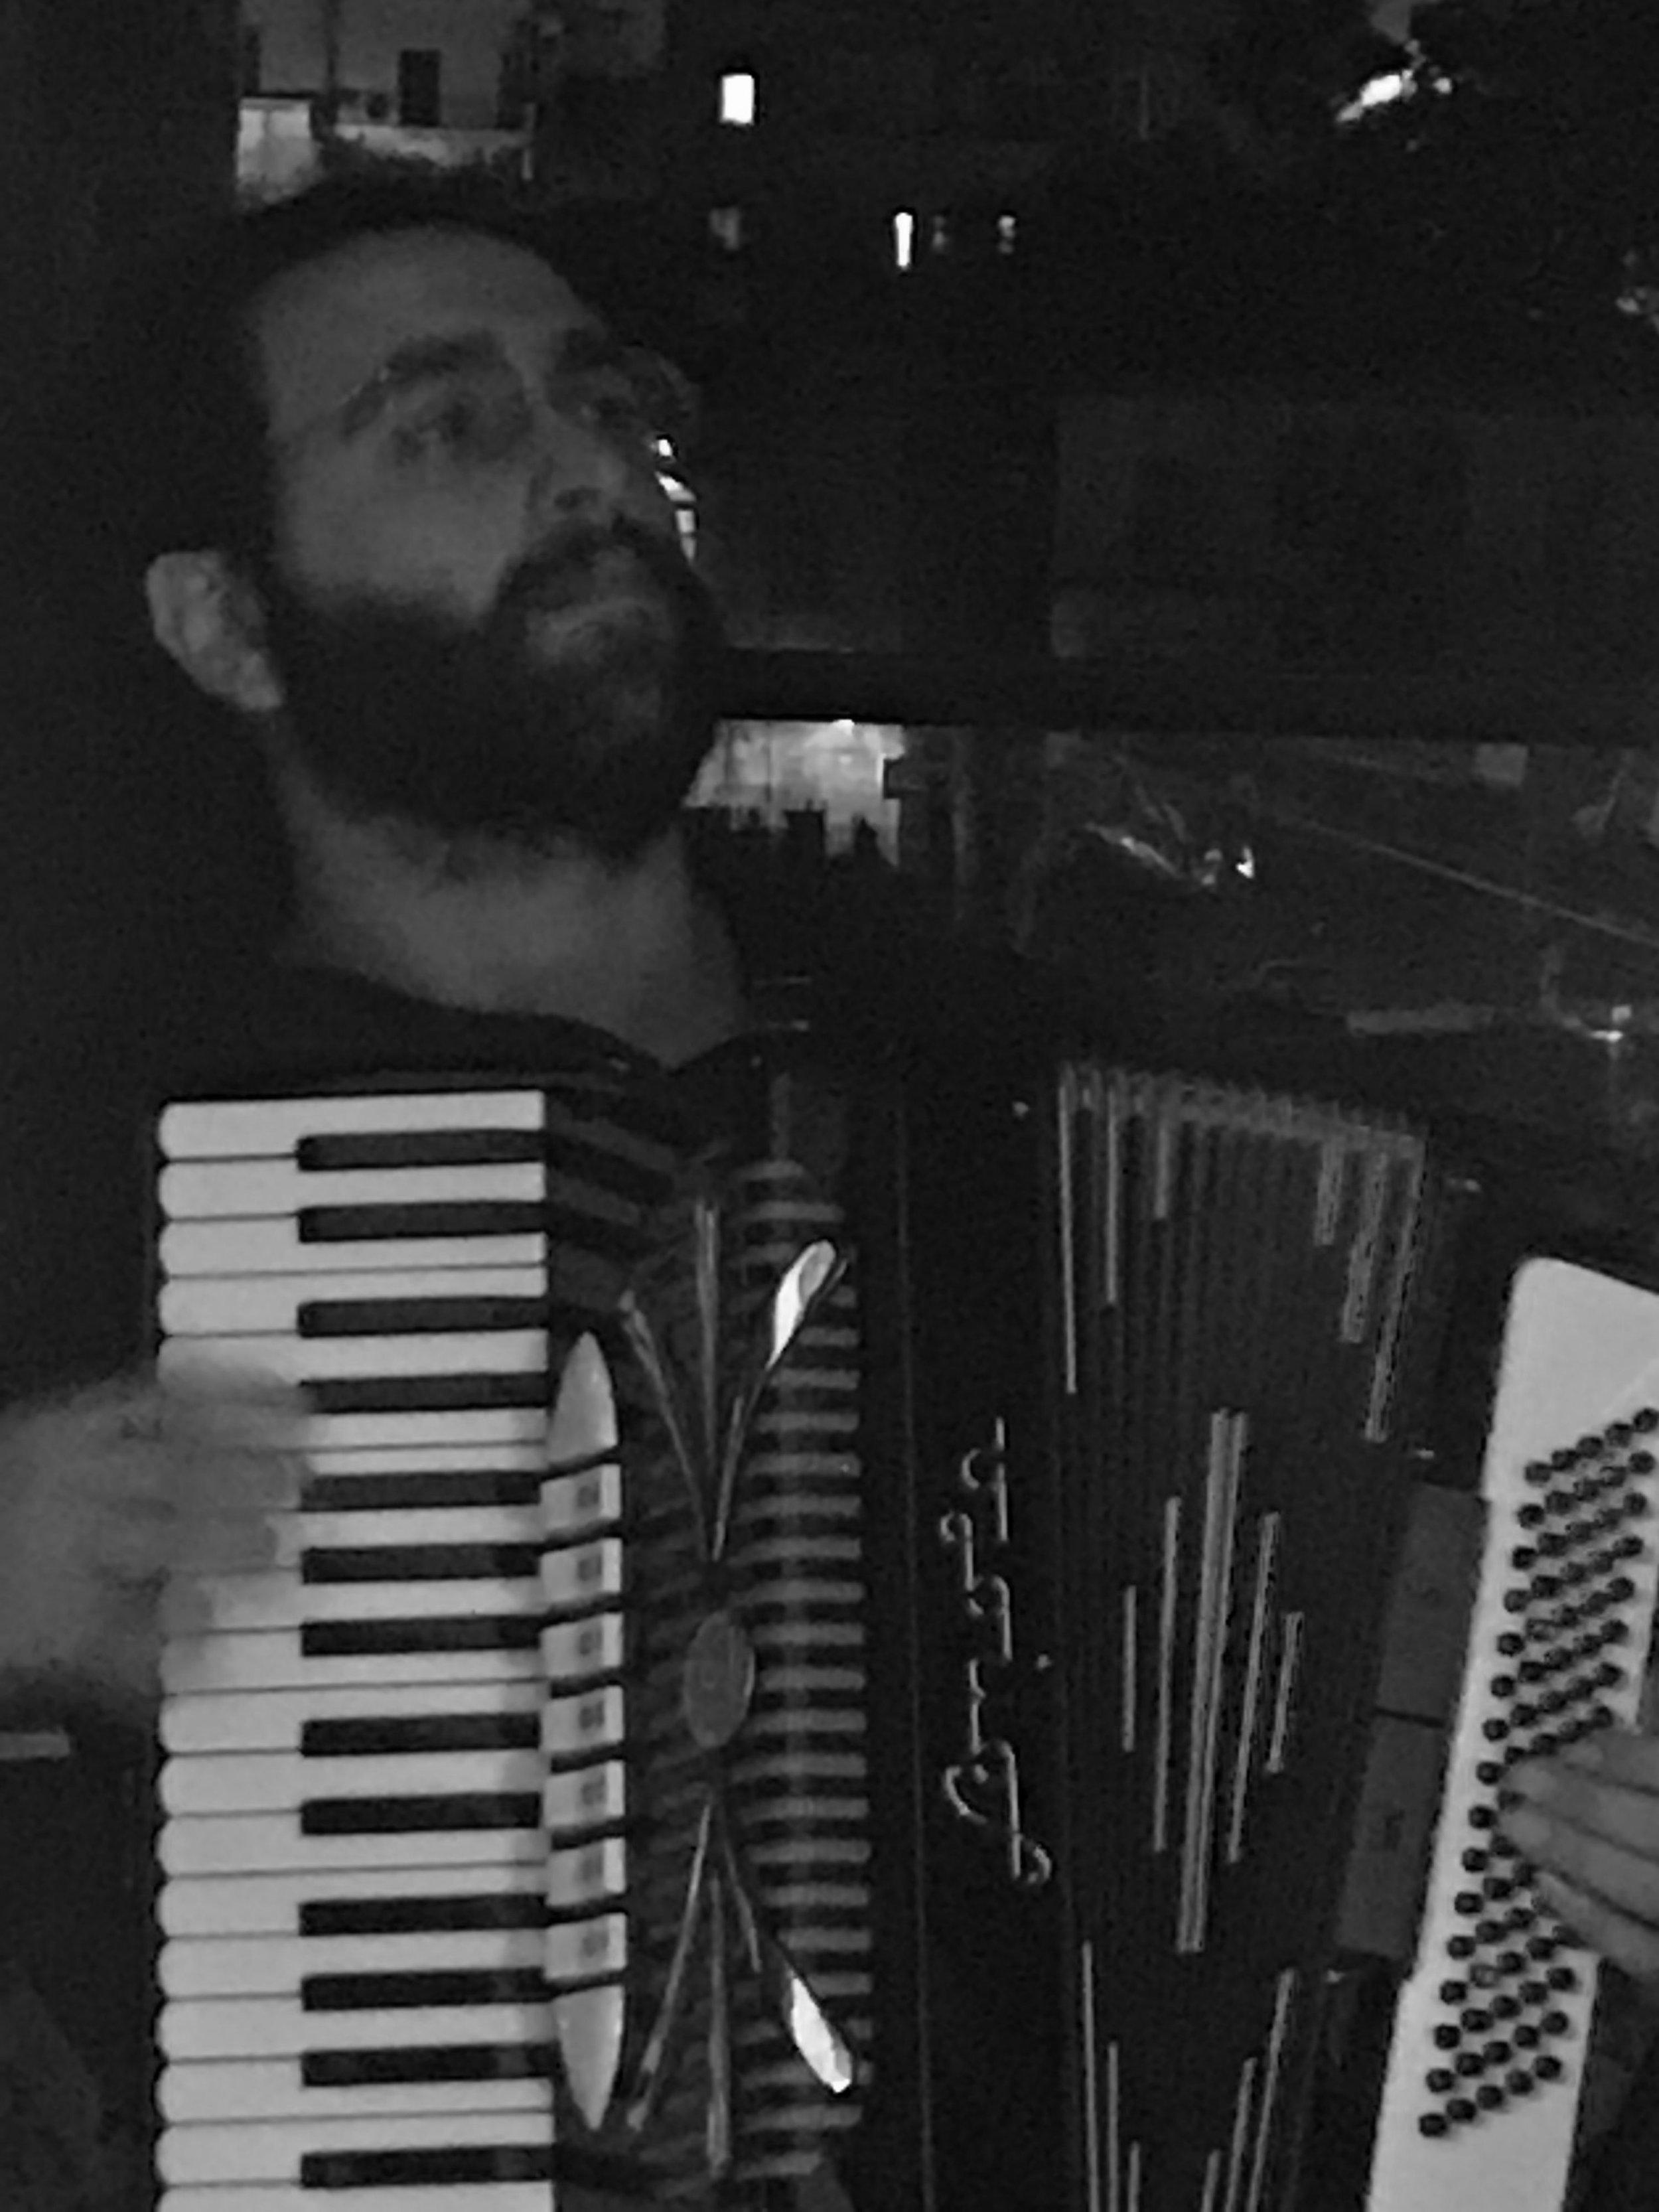 Samah Boulmona playing at remomero